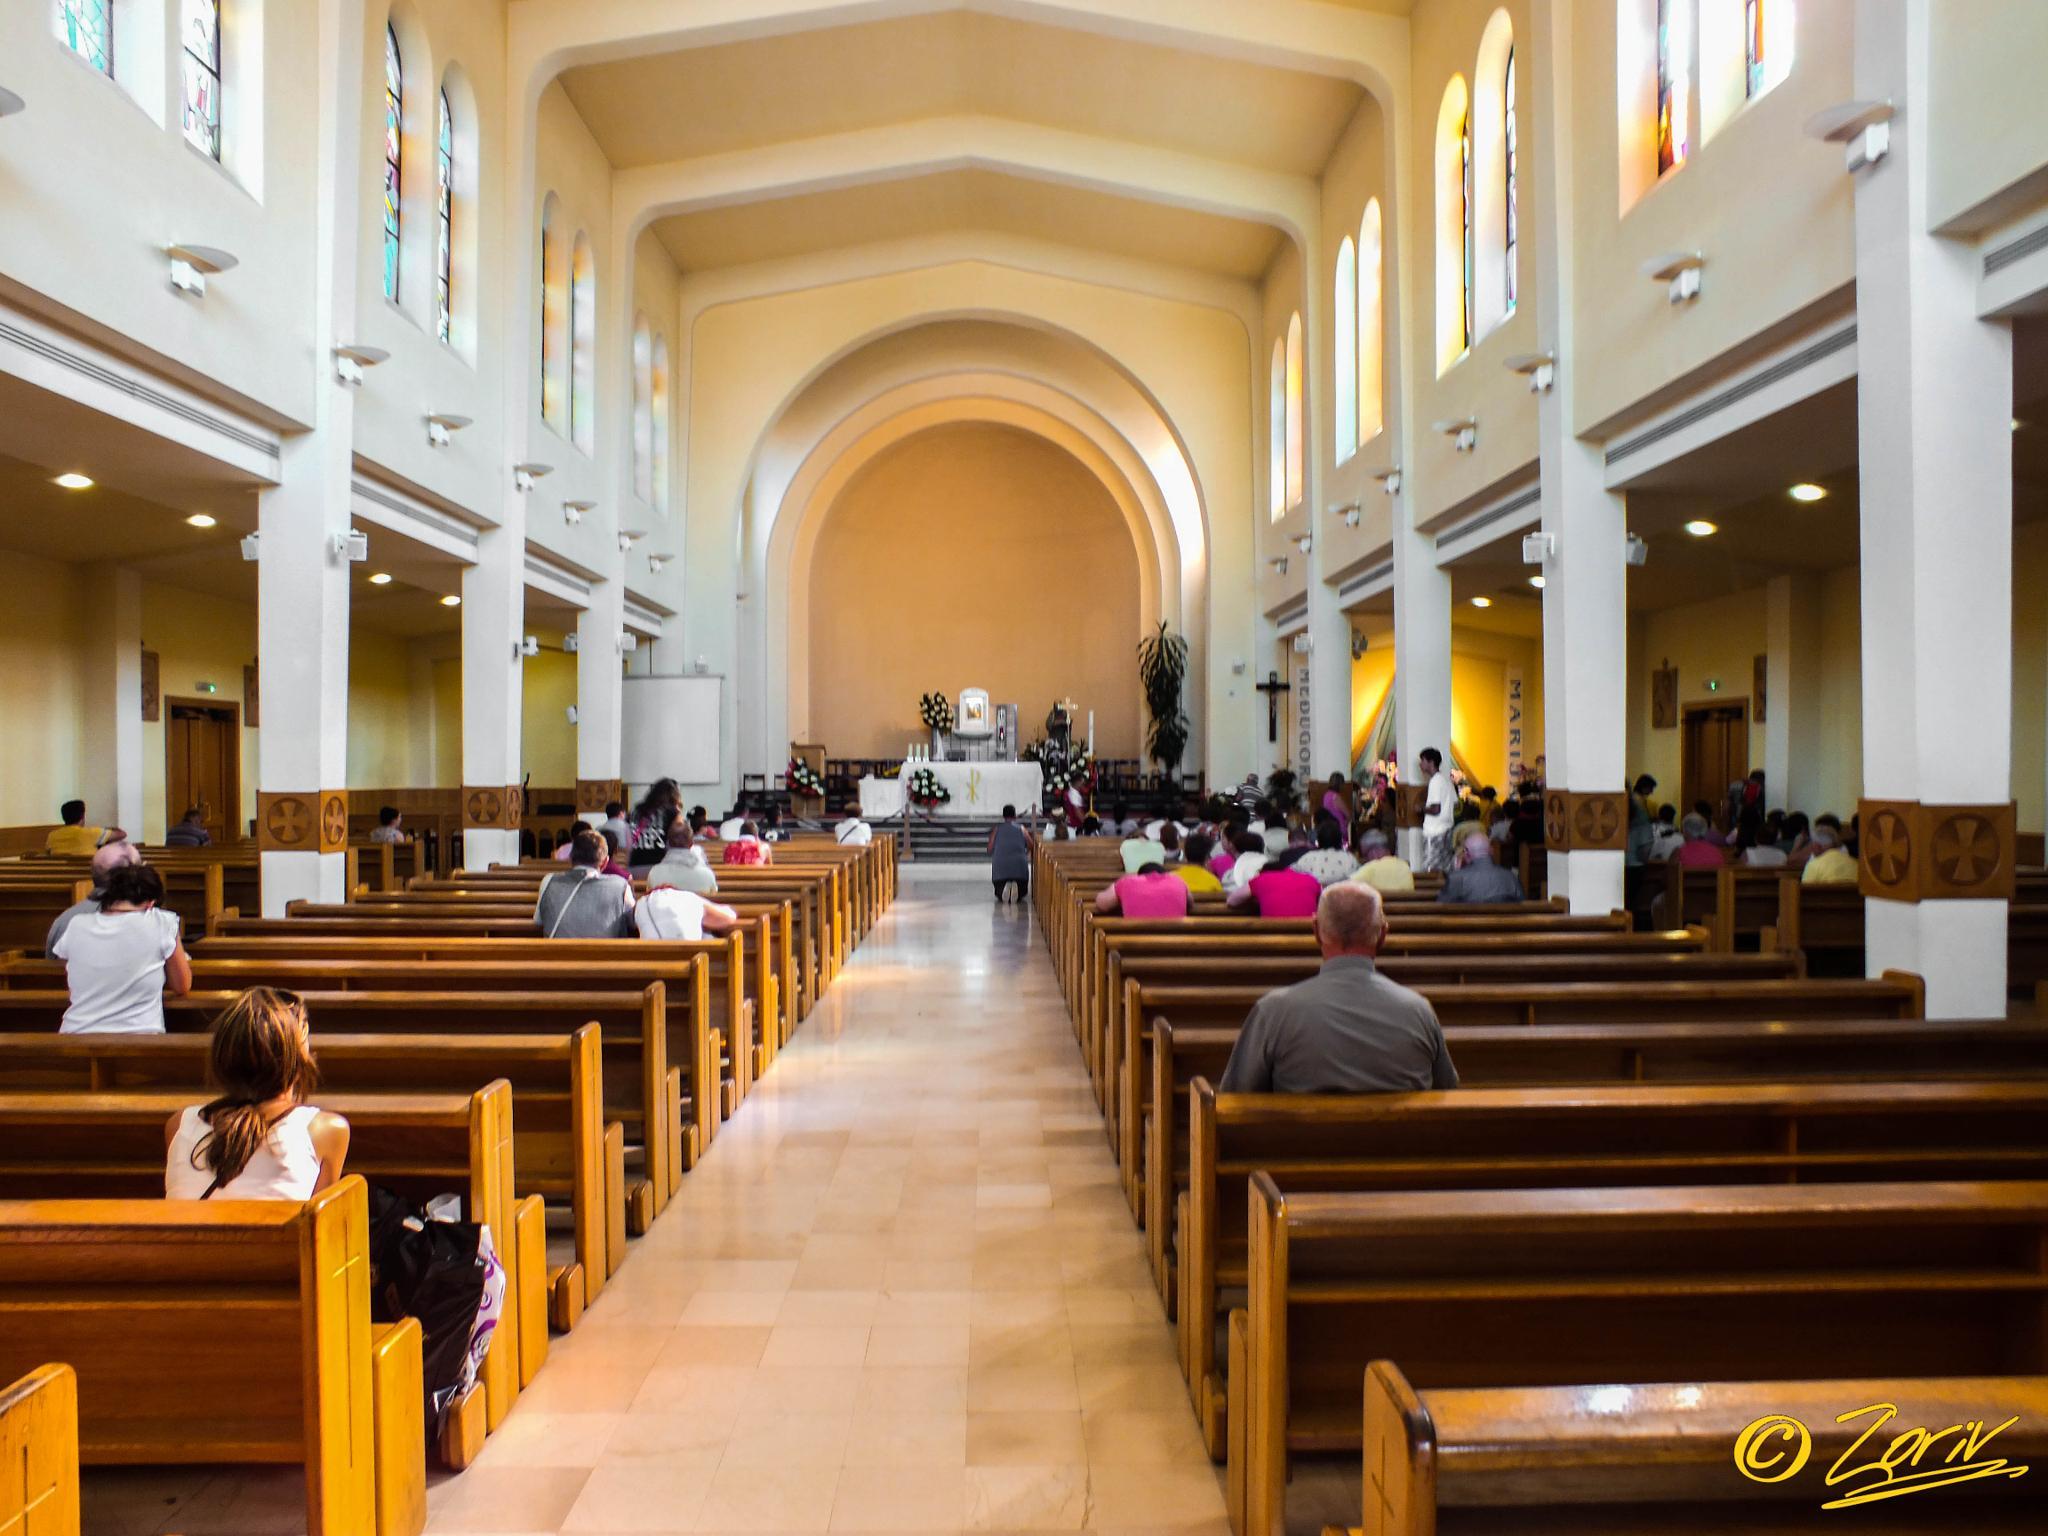 The Sunday Mass by zoriv